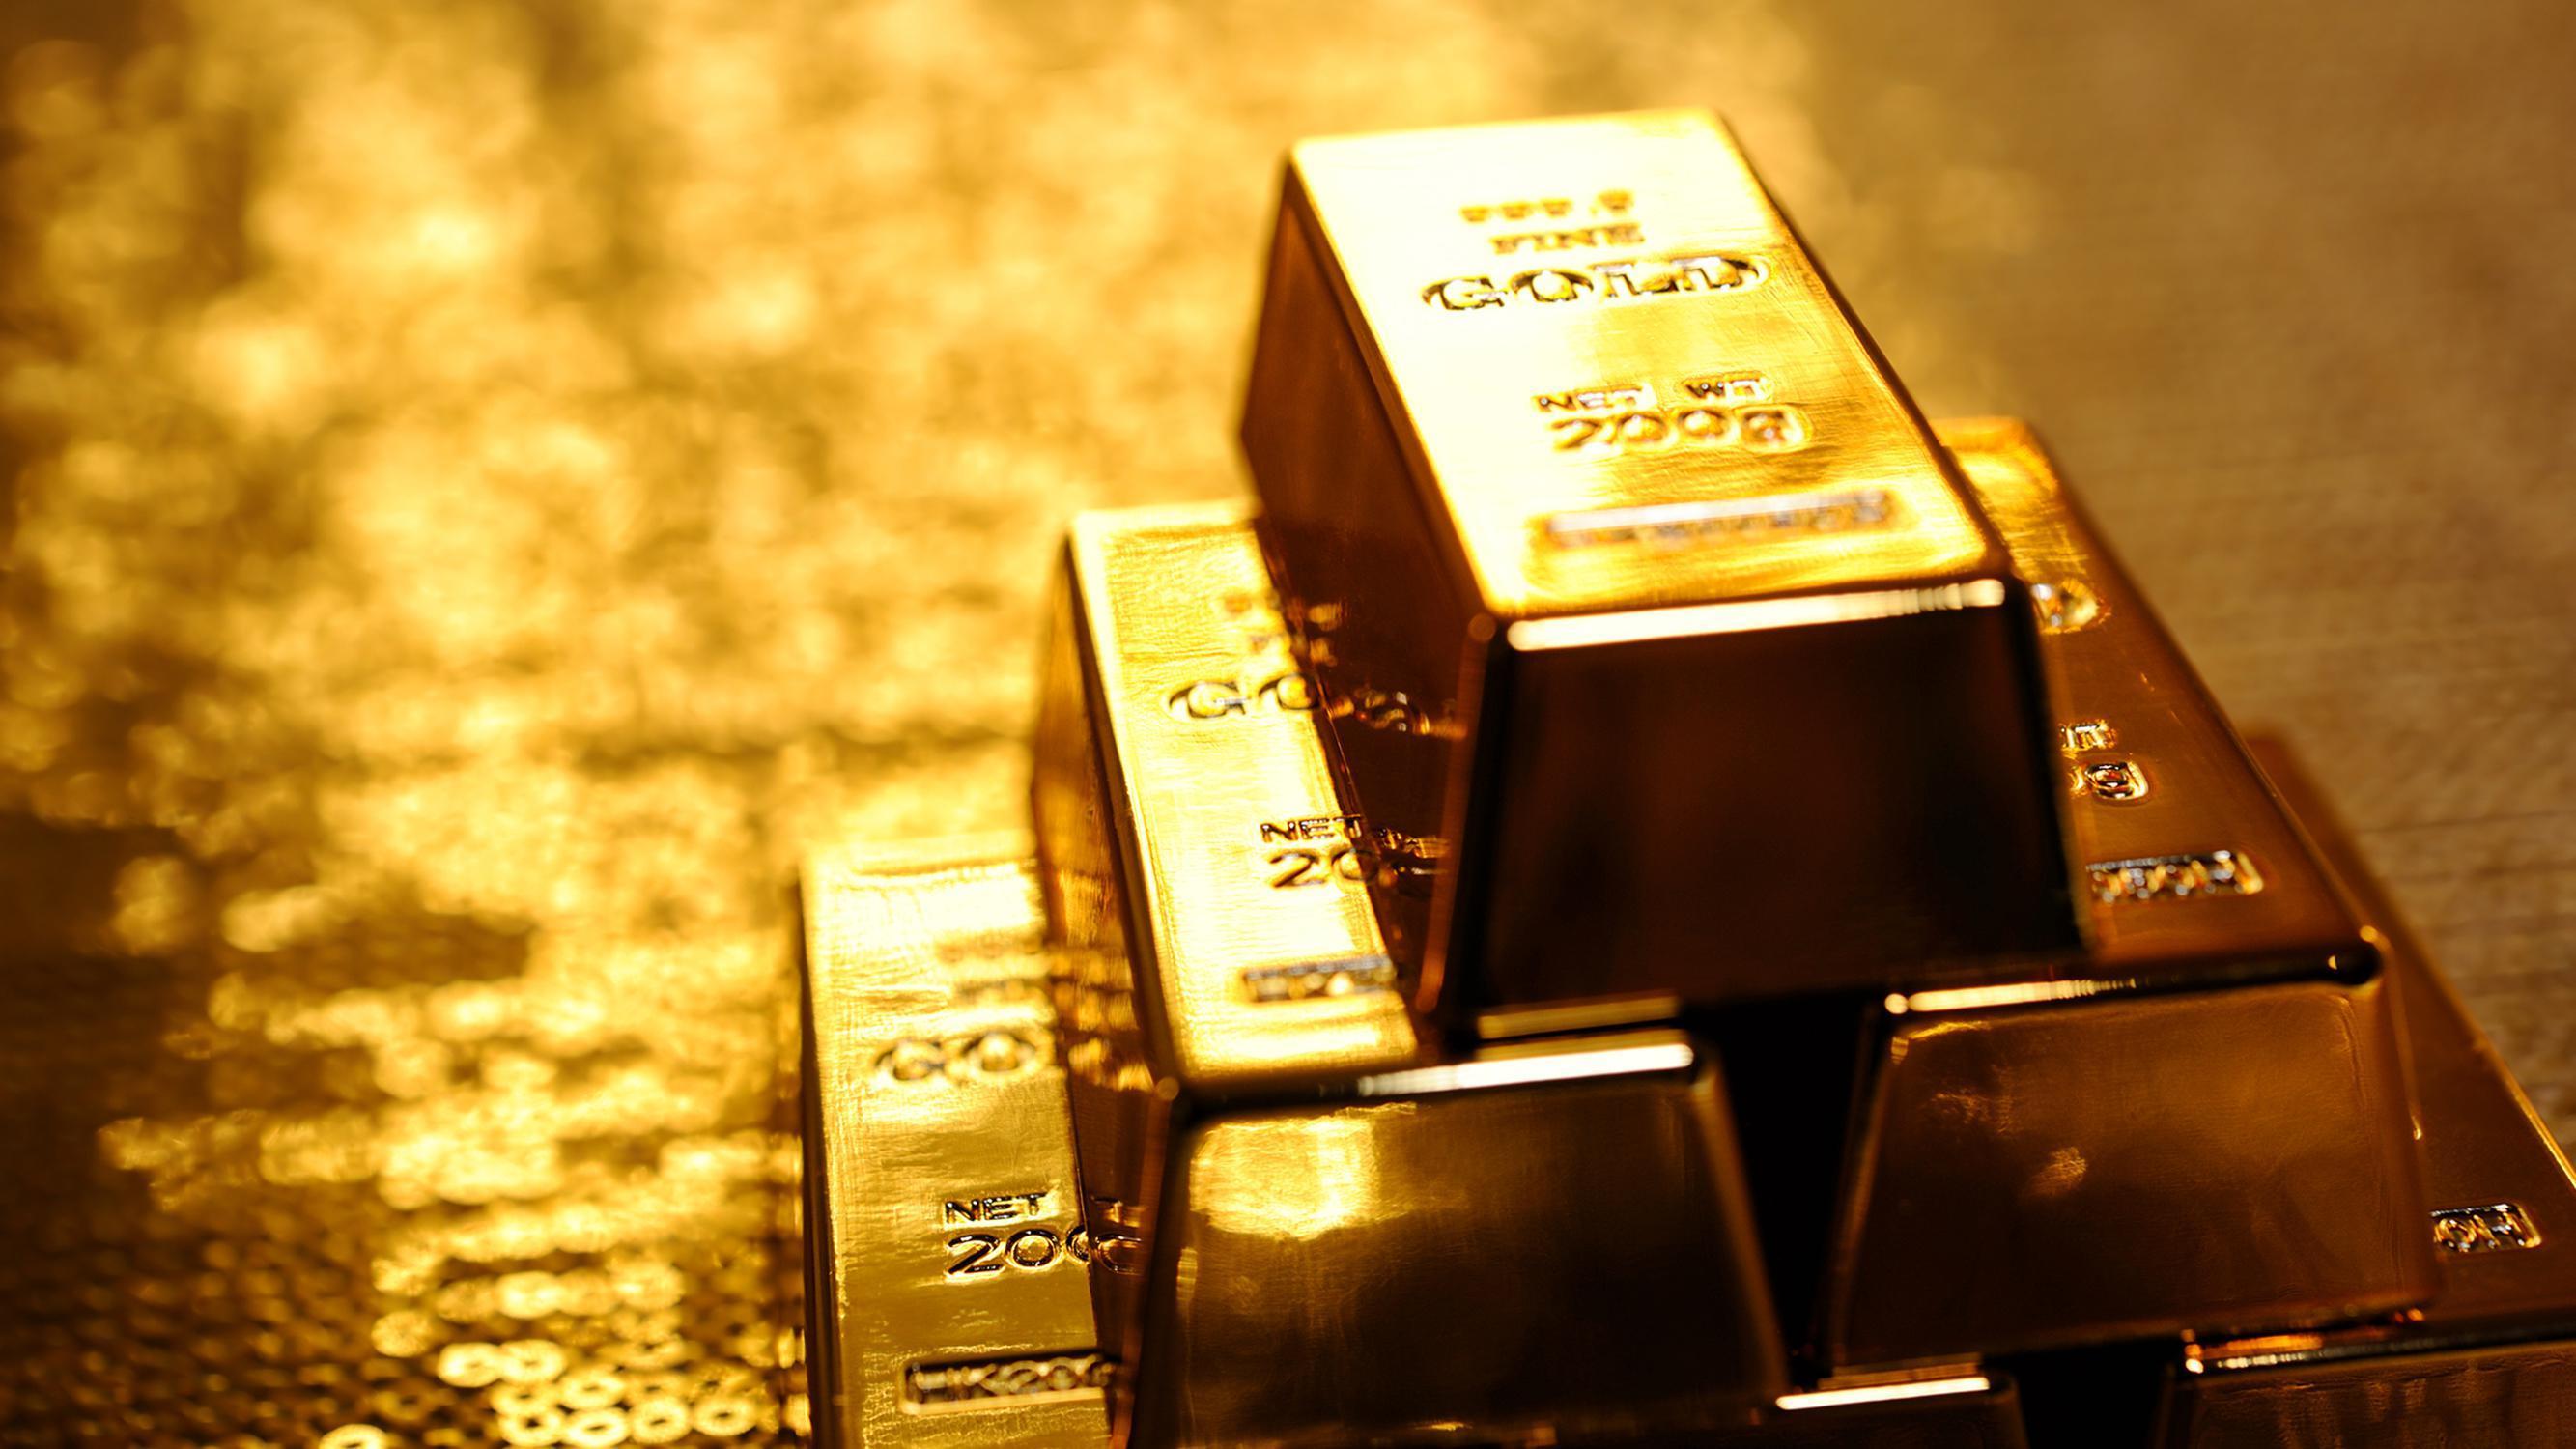 Bir ons altın tüm zamanların en yüksek seviyesini vurdu 1985.18 $ # 1